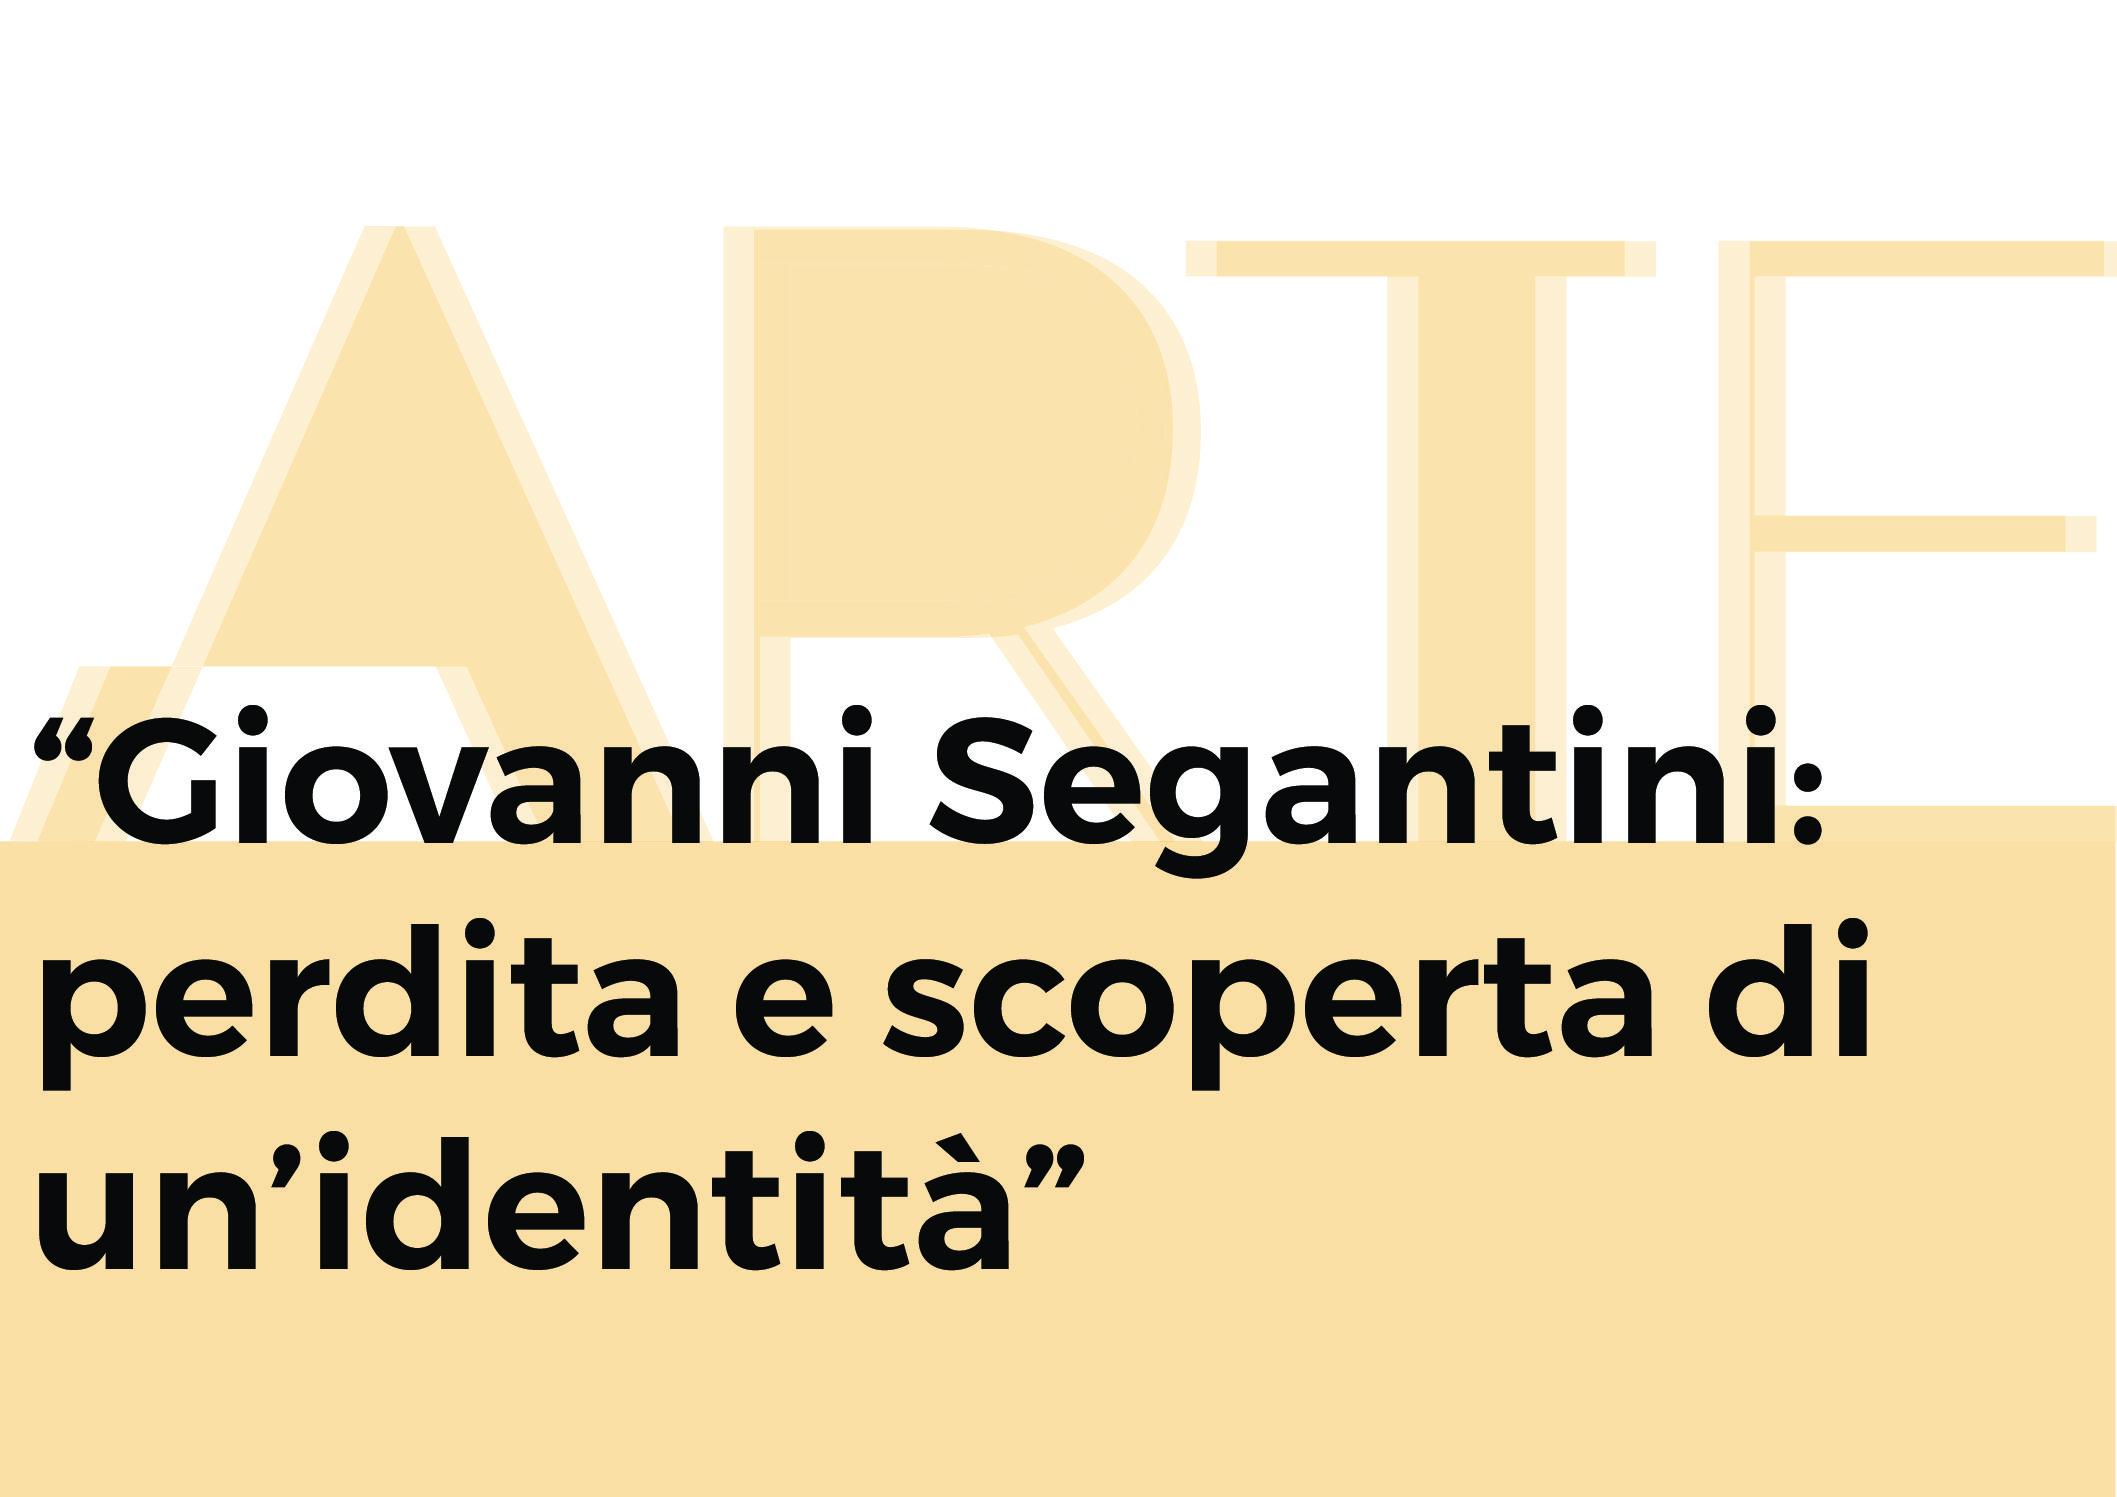 Giovanni Segantini: perdita e scoperta di un'identità